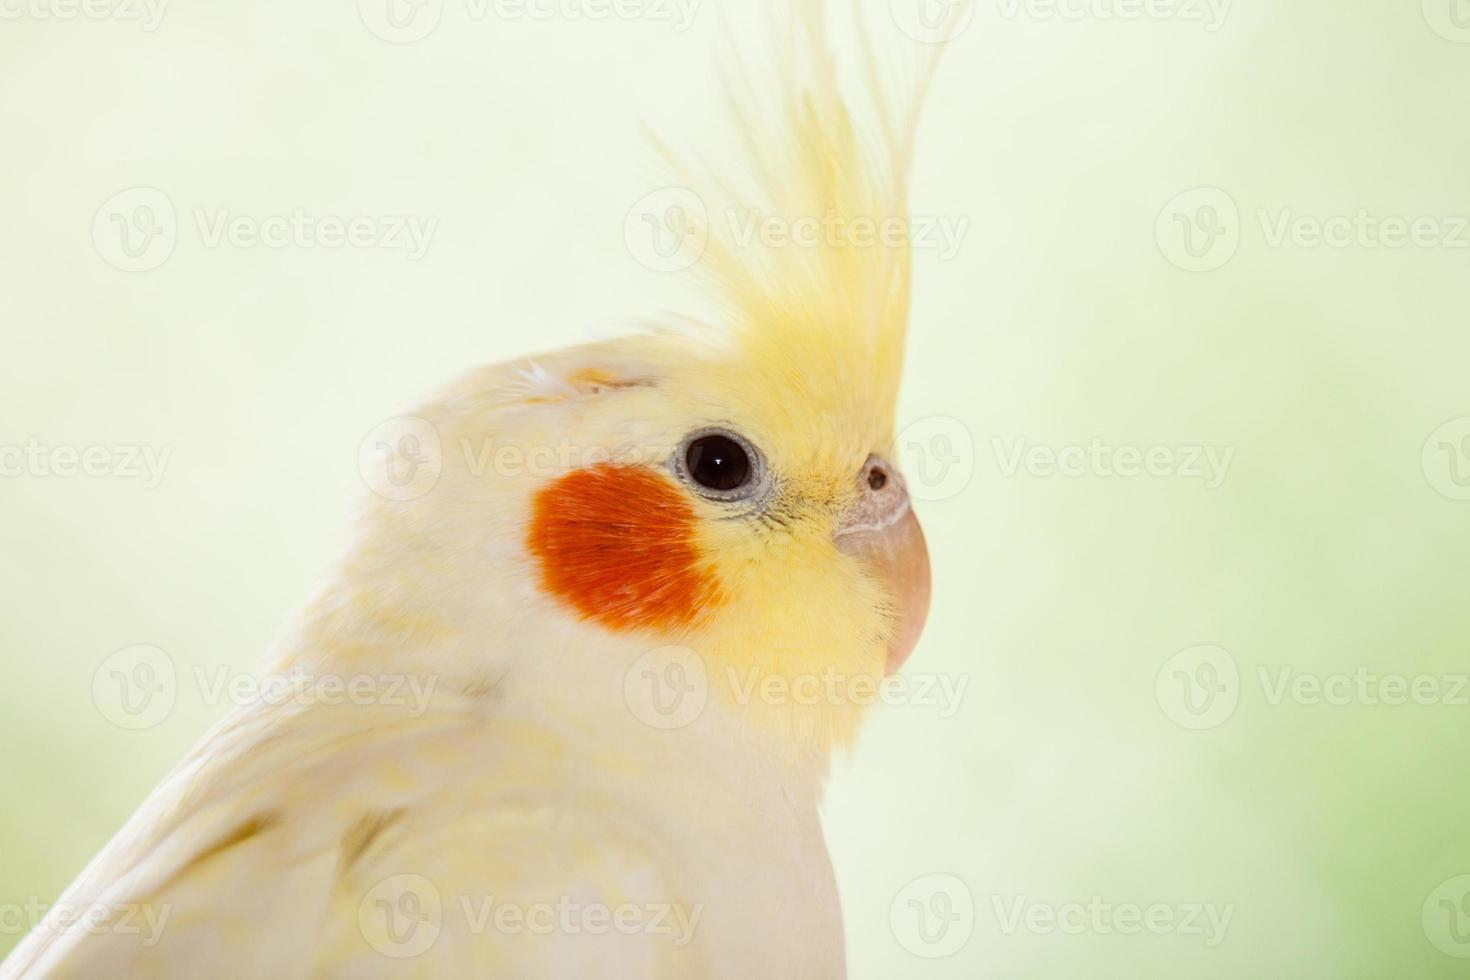 el cockatiel nymphicus hollandicus foto